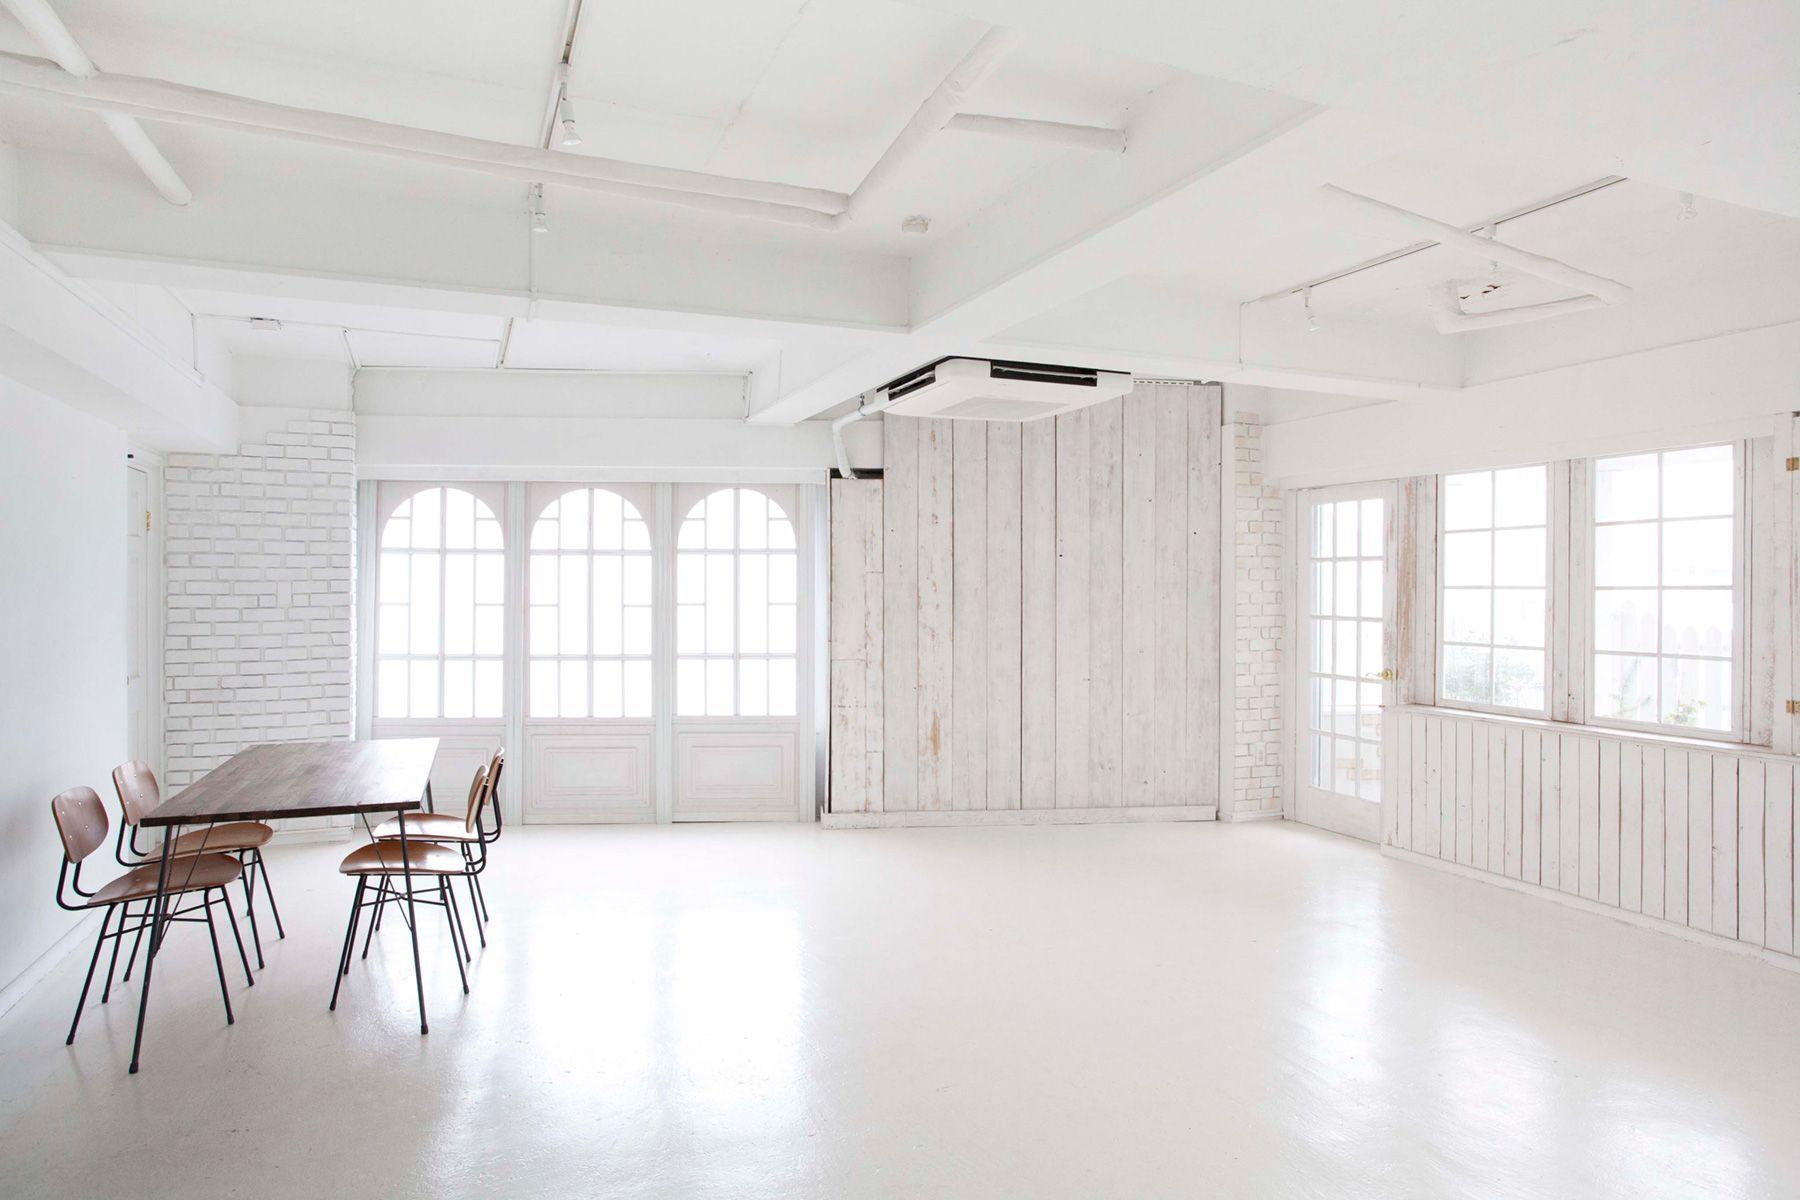 studio Mired (スタジオ ミレッド)3面採光